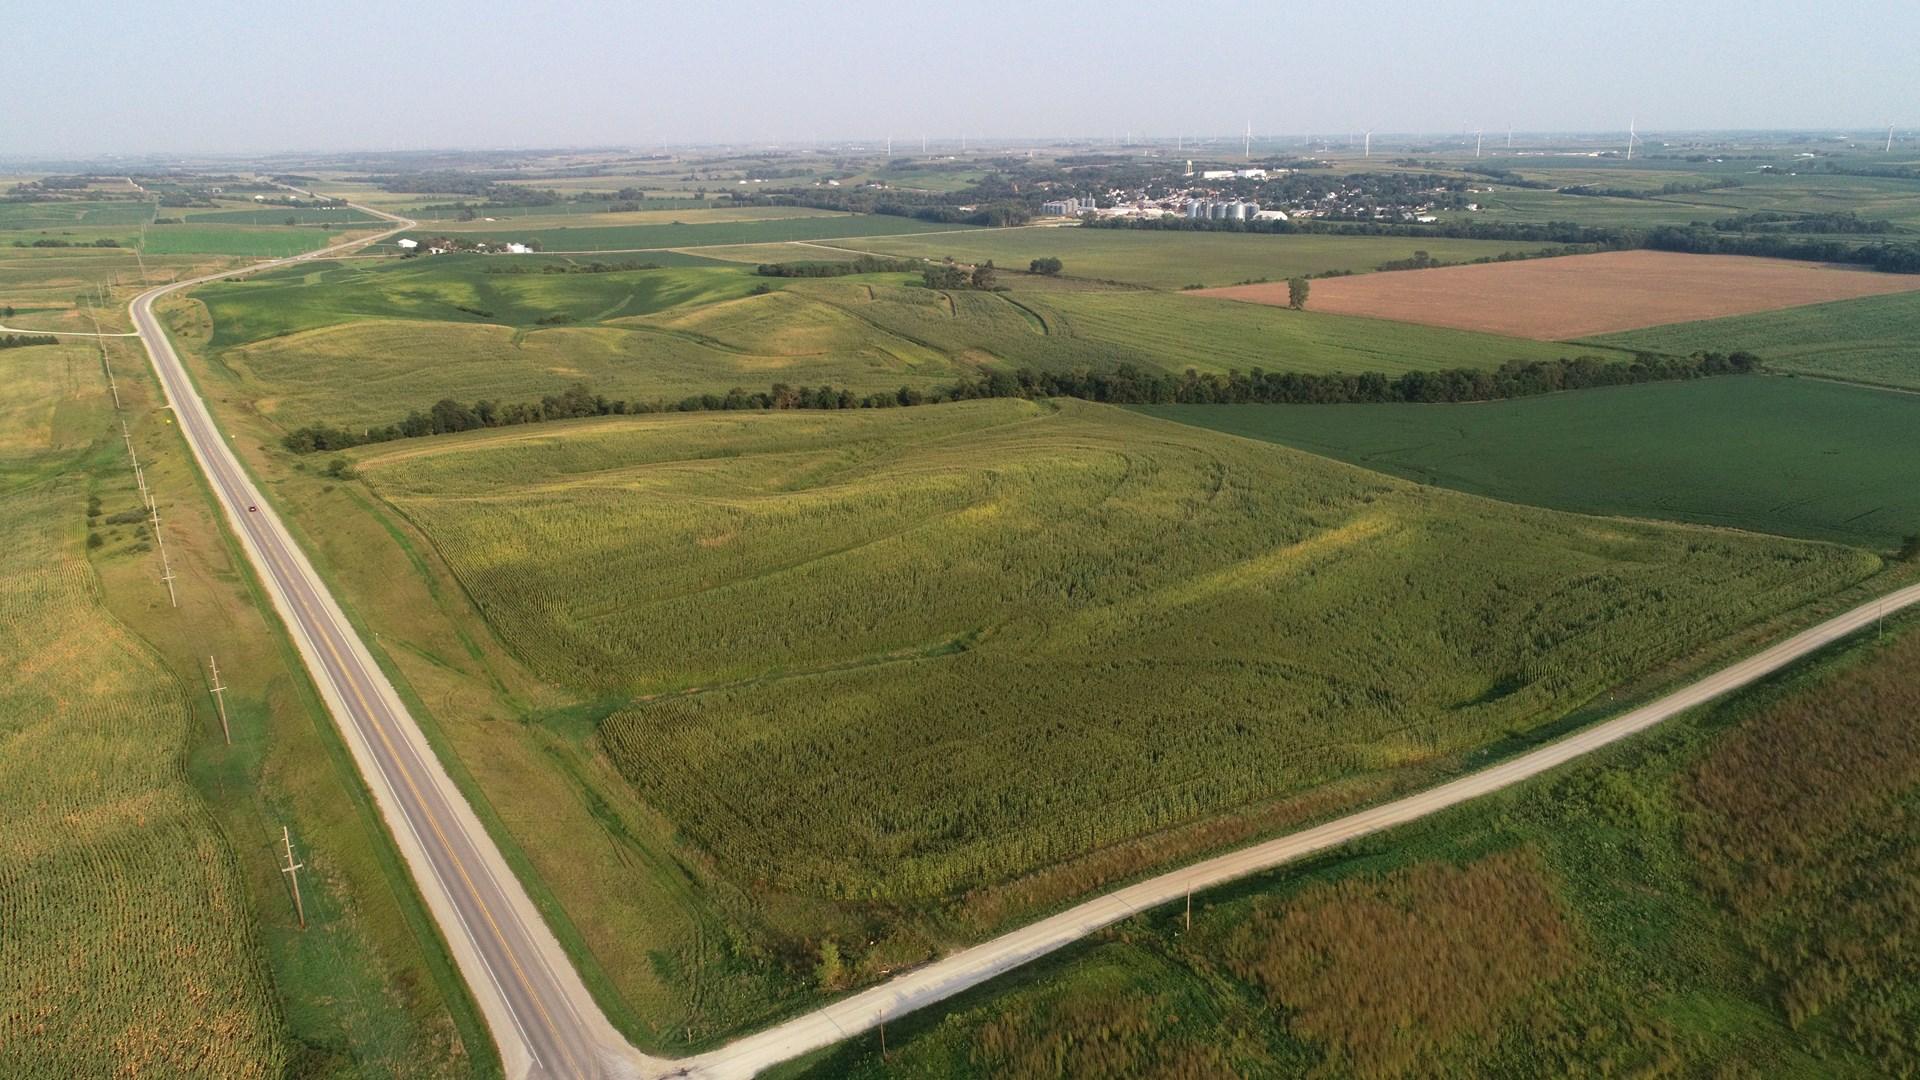 Poweshiek County Iowa Row Crop Farm